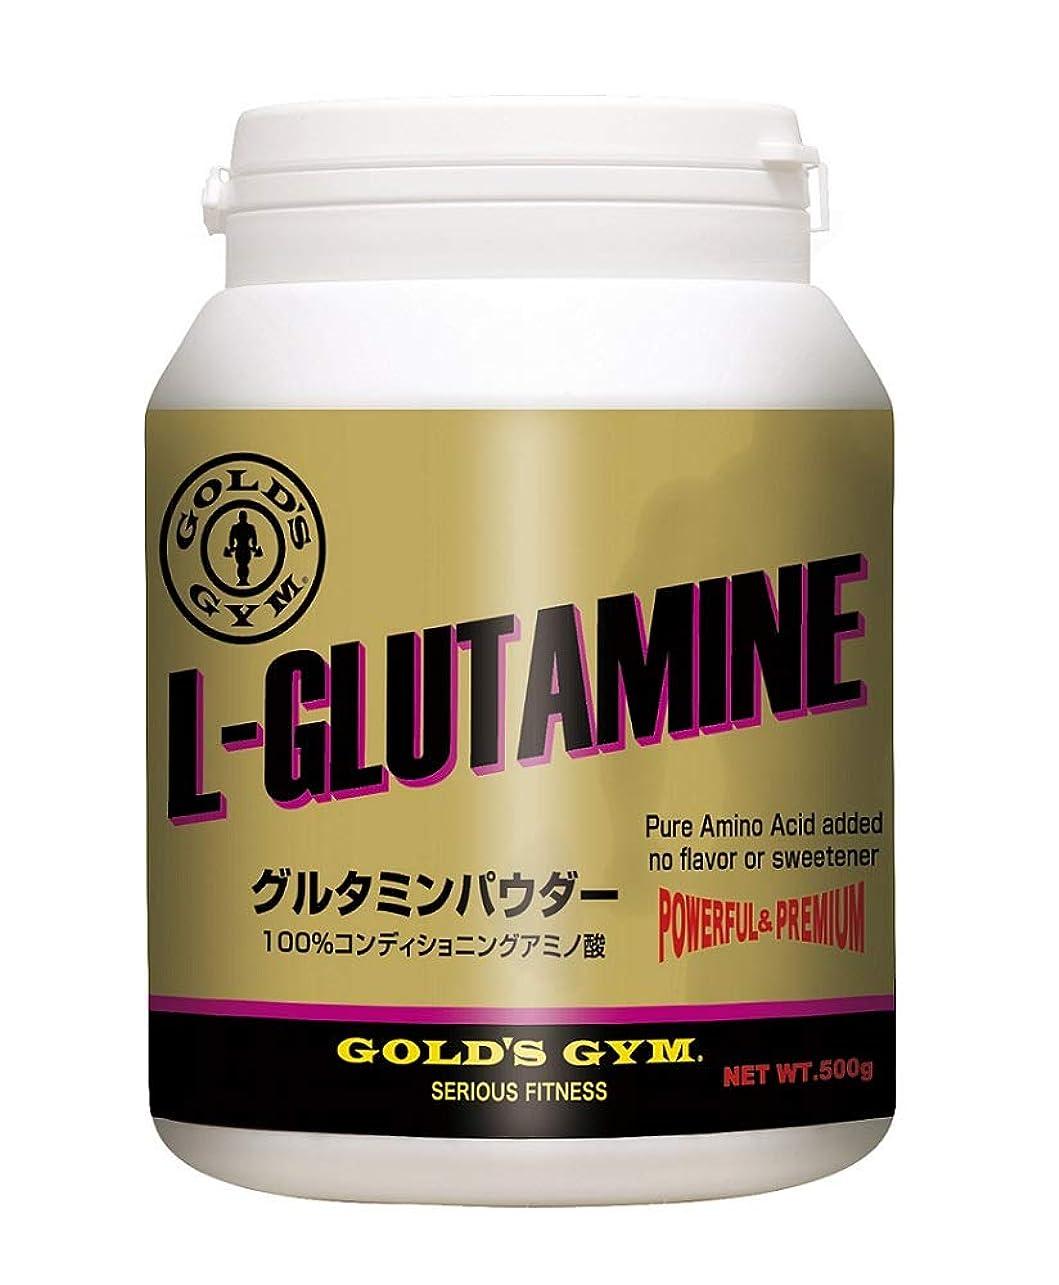 ドループ専門用語理解するゴールドジム(GOLD'S GYM) グルタミンパウダー 300g